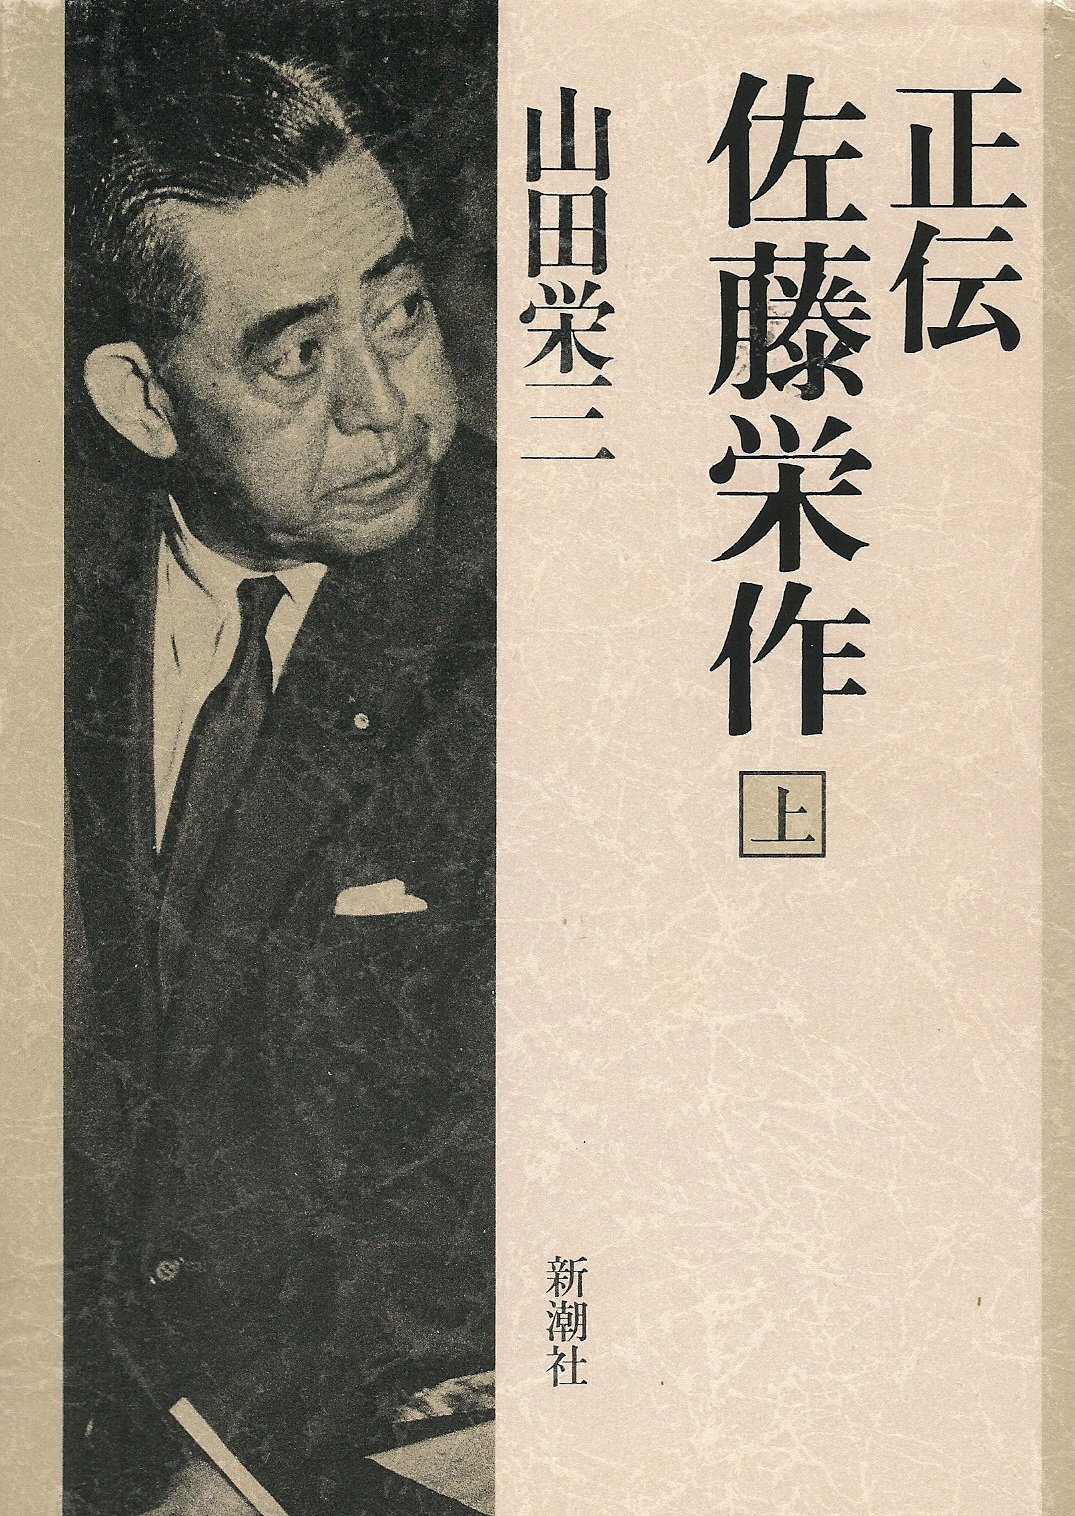 佐藤栄作。ノーベル平和賞受賞者の生涯について知るおすすめ5冊